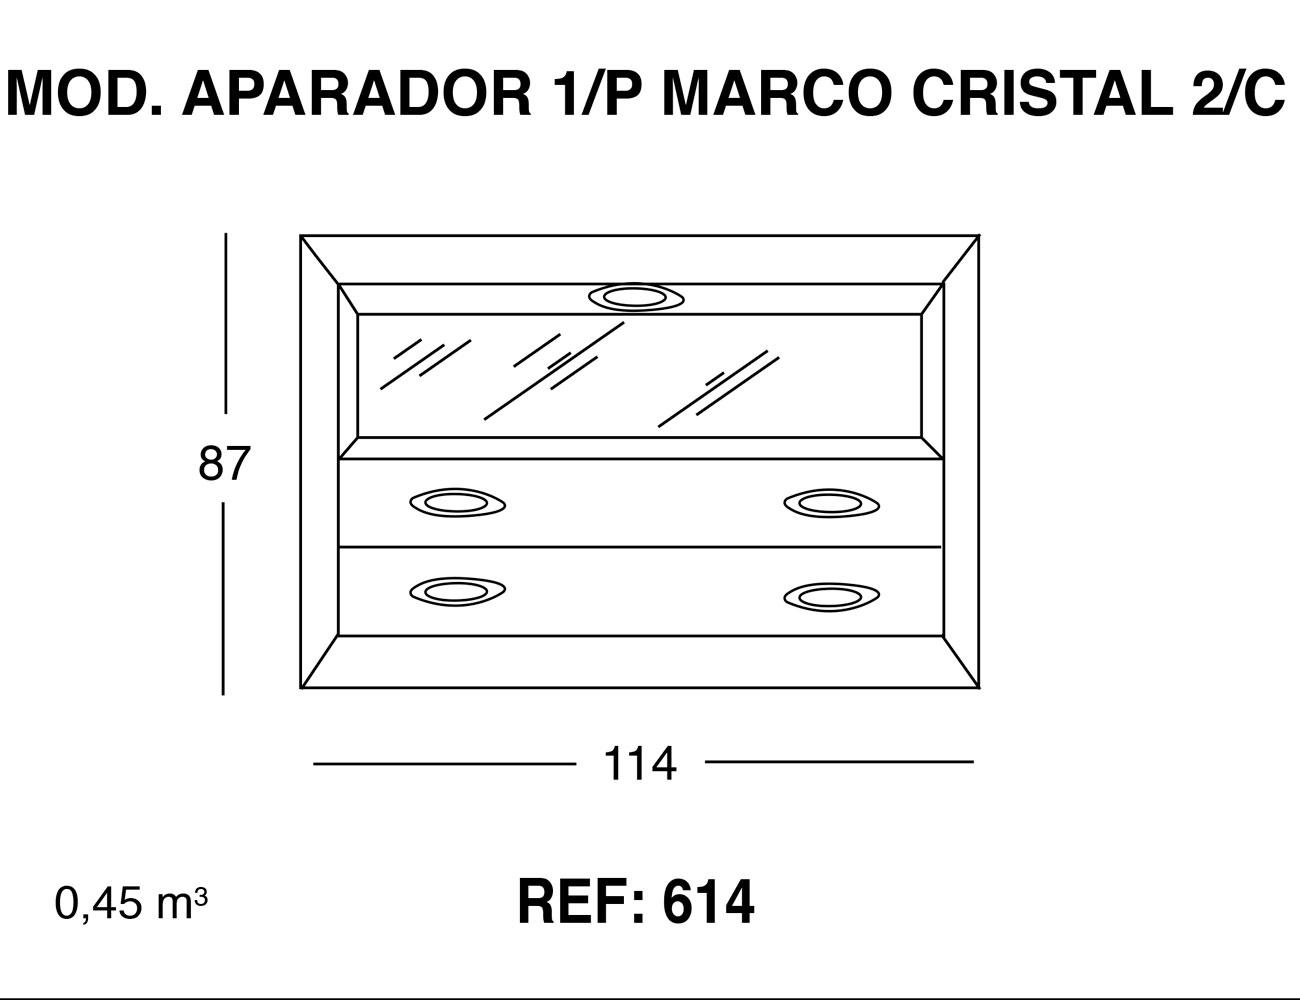 Modulo aparador 1p marco cristal 2 cajones 87 114